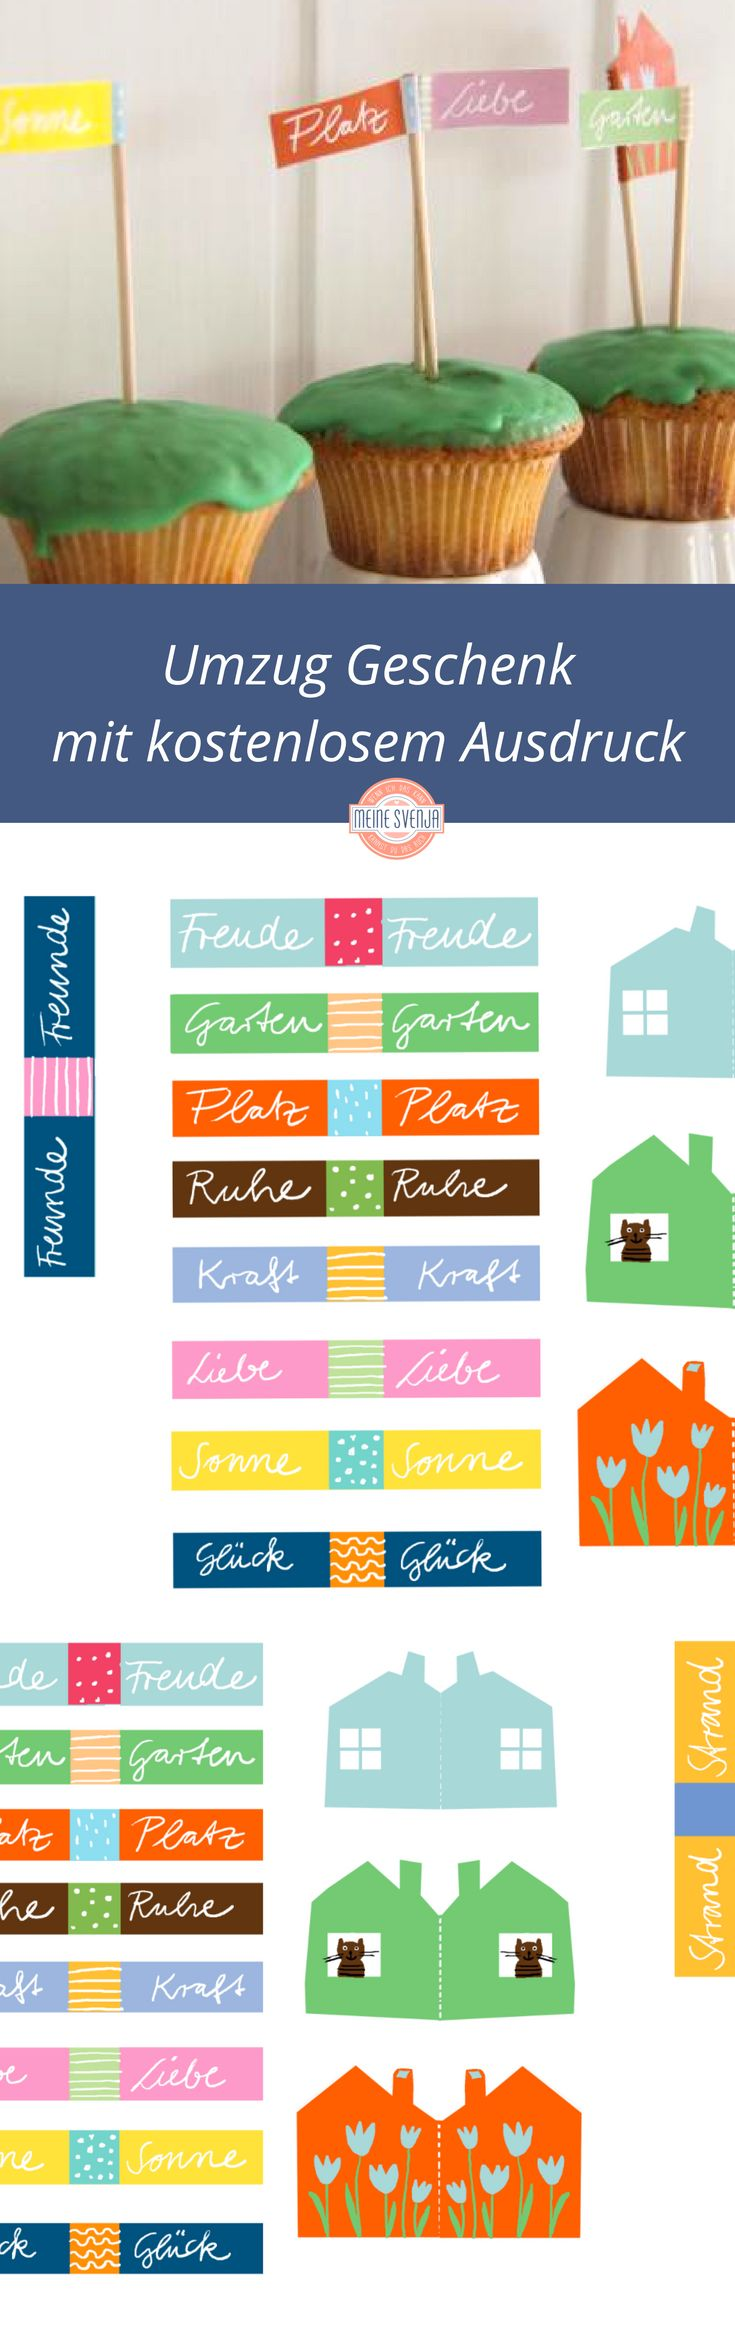 147 besten basteln bilder auf pinterest basteln mit kindern kinder handwerk und kinderteil. Black Bedroom Furniture Sets. Home Design Ideas